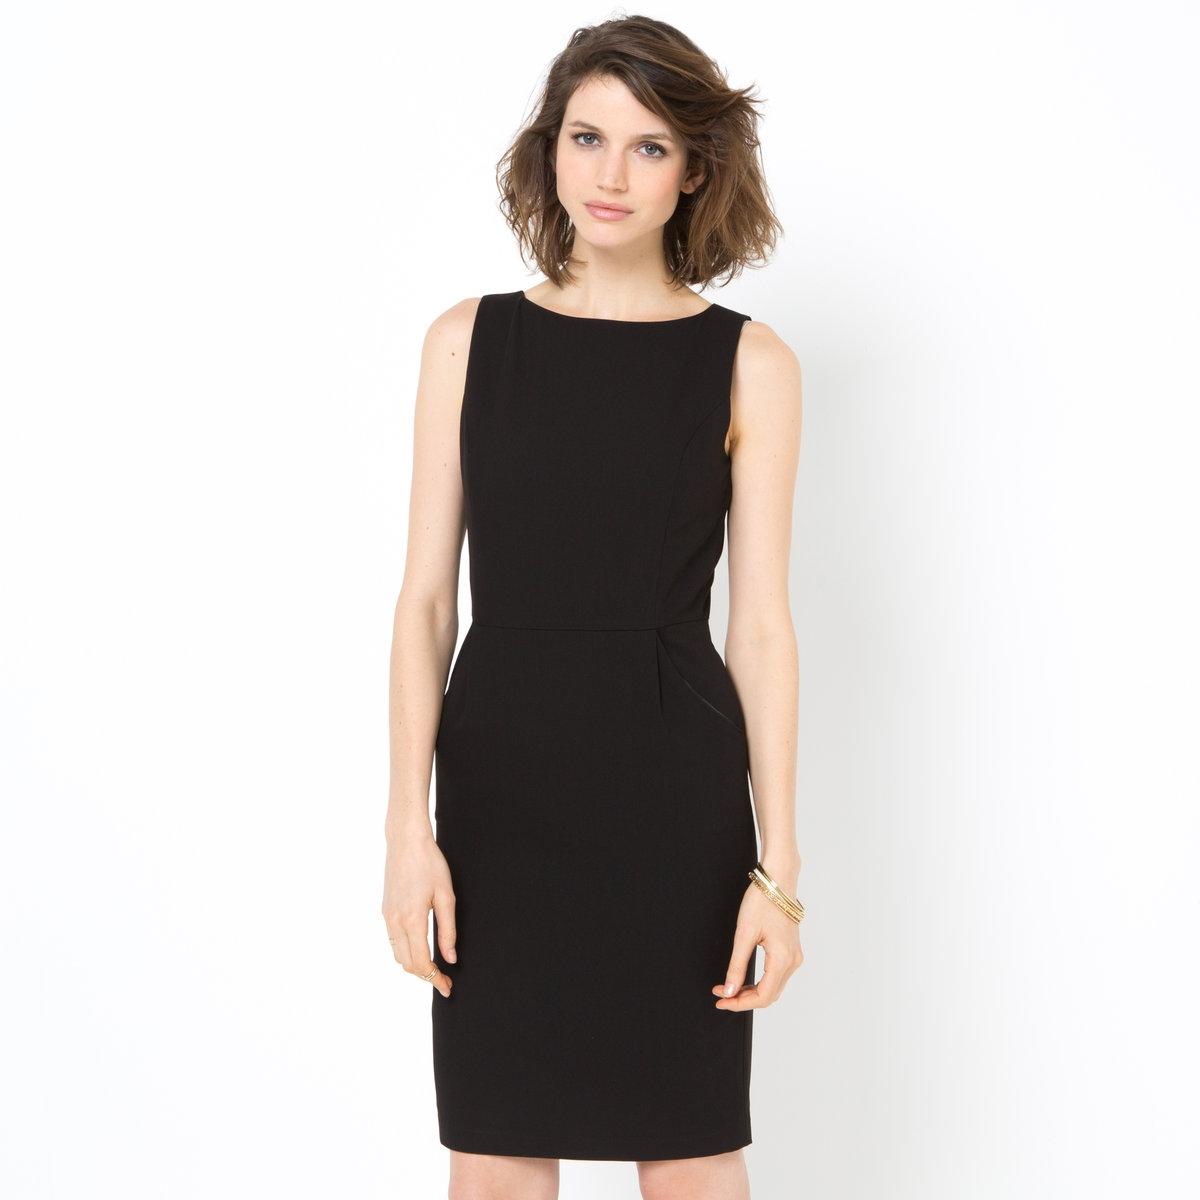 Платье из саржи стретчЗастежка на скрытую молнию сзади. Подкладка из полиэстера. Длина 94 см.<br><br>Цвет: серый меланж,черный<br>Размер: 50 (FR) - 56 (RUS).44 (FR) - 50 (RUS)